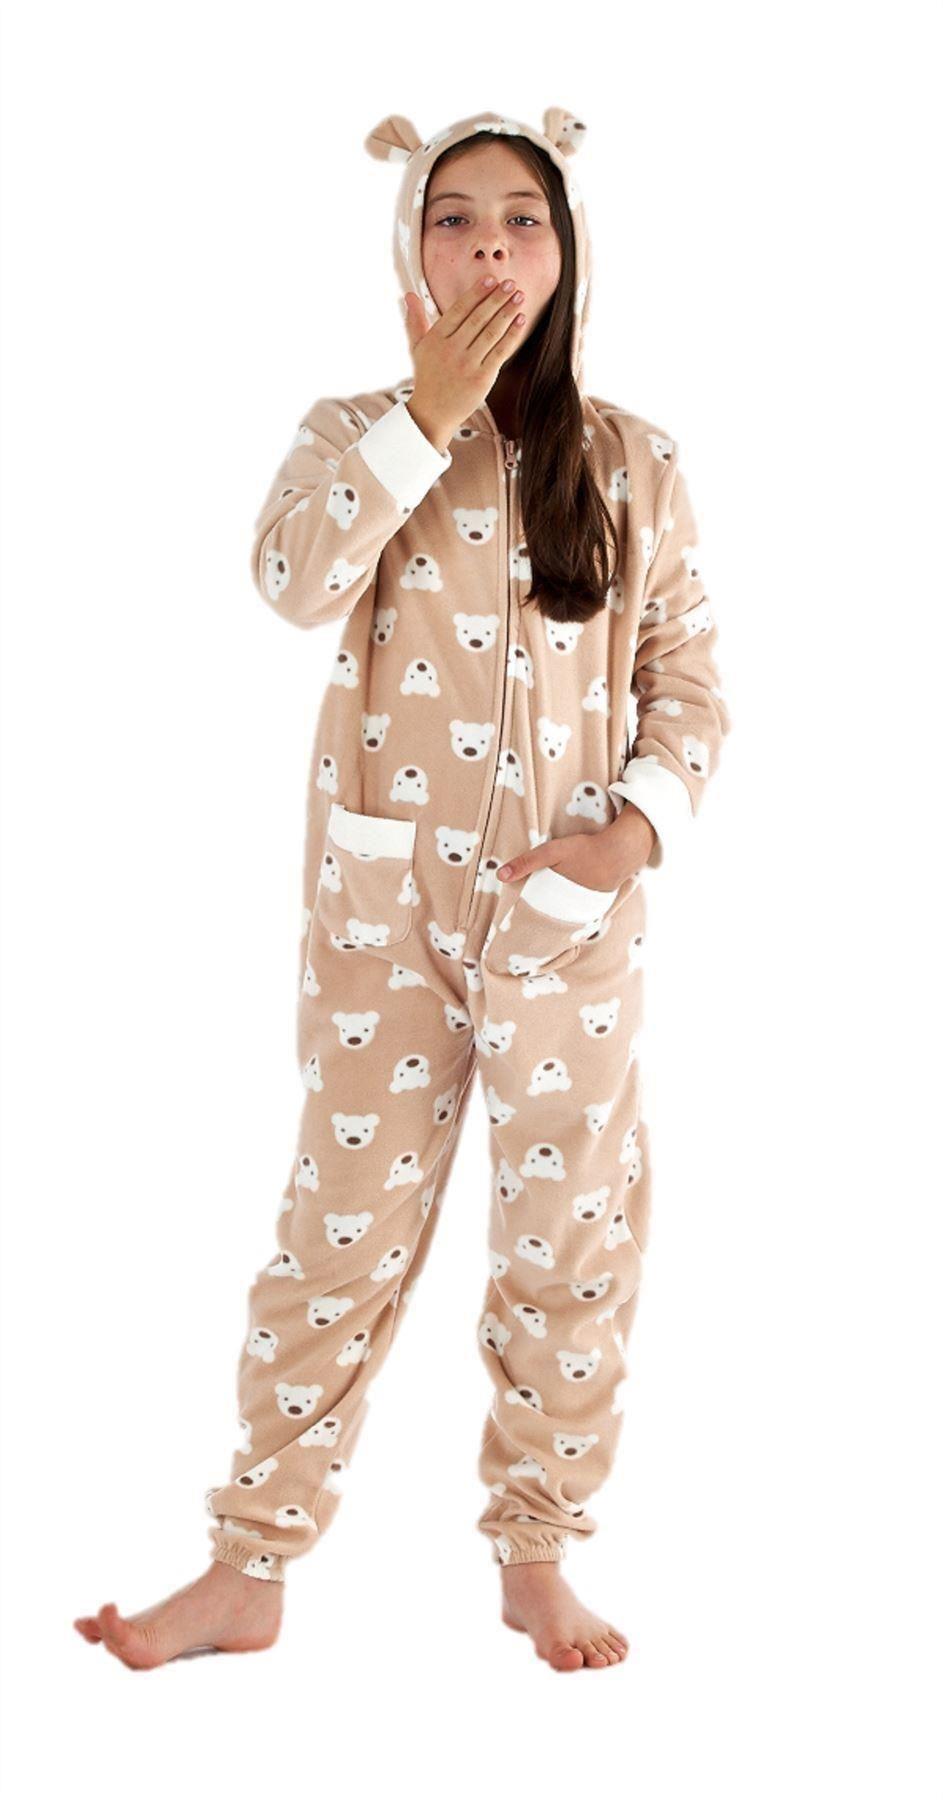 pyjama fille le v tement qu 39 elle l 39 aime car il est confortable et super pratique. Black Bedroom Furniture Sets. Home Design Ideas